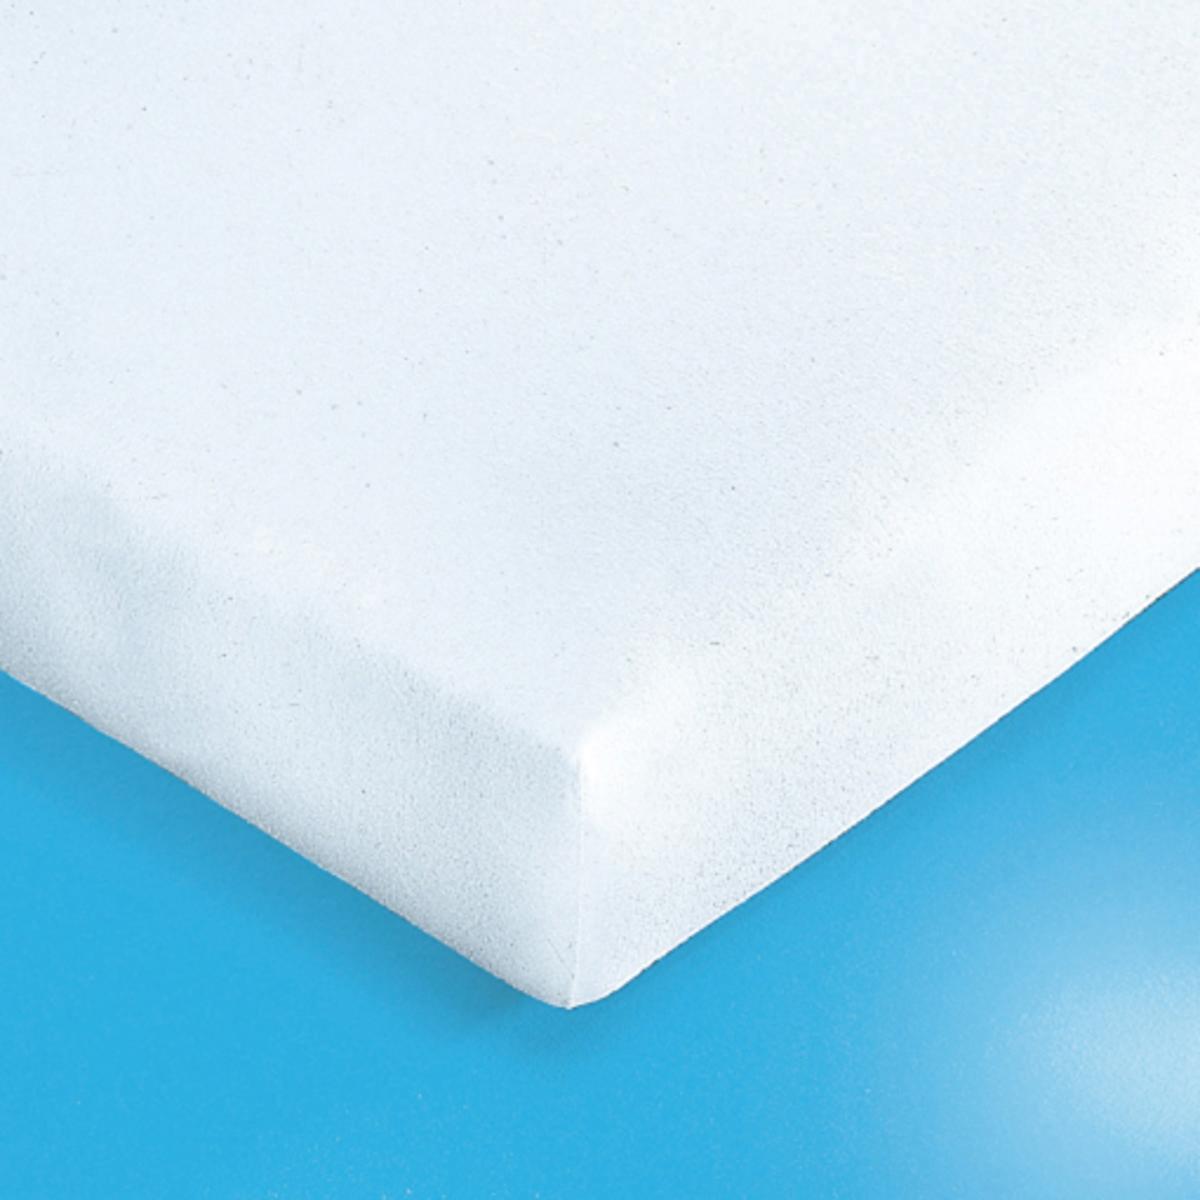 Чехол защитный на матрас из мольтона с пропиткойНадежная защита для Ваших постельных принадлежностей и уникальный комфорт для Вас: этот чехол поглощает потоотделения, выделение которых неизбежно во время сна, и защищает подушки и одеяла от появления разводов, скапливания бактерий и клещей.Мольтон с обработкой без применения растворителей не вызывает аллергических реакций.Подстилка в форме чехла из мольтона, 100% хлопок с начесом, оборотная сторона с акриловой пропиткой (280 г/м?), обработка SANITIZED против бактерий.Изделие с биоцидной обработкой Обеспечивает идеальную поддержку матрасов большой толщины (до 22 см).Можно кипятить при 95 °С с белизной.<br><br>Цвет: белый<br>Размер: 180 x 200 см.90 x 200 см